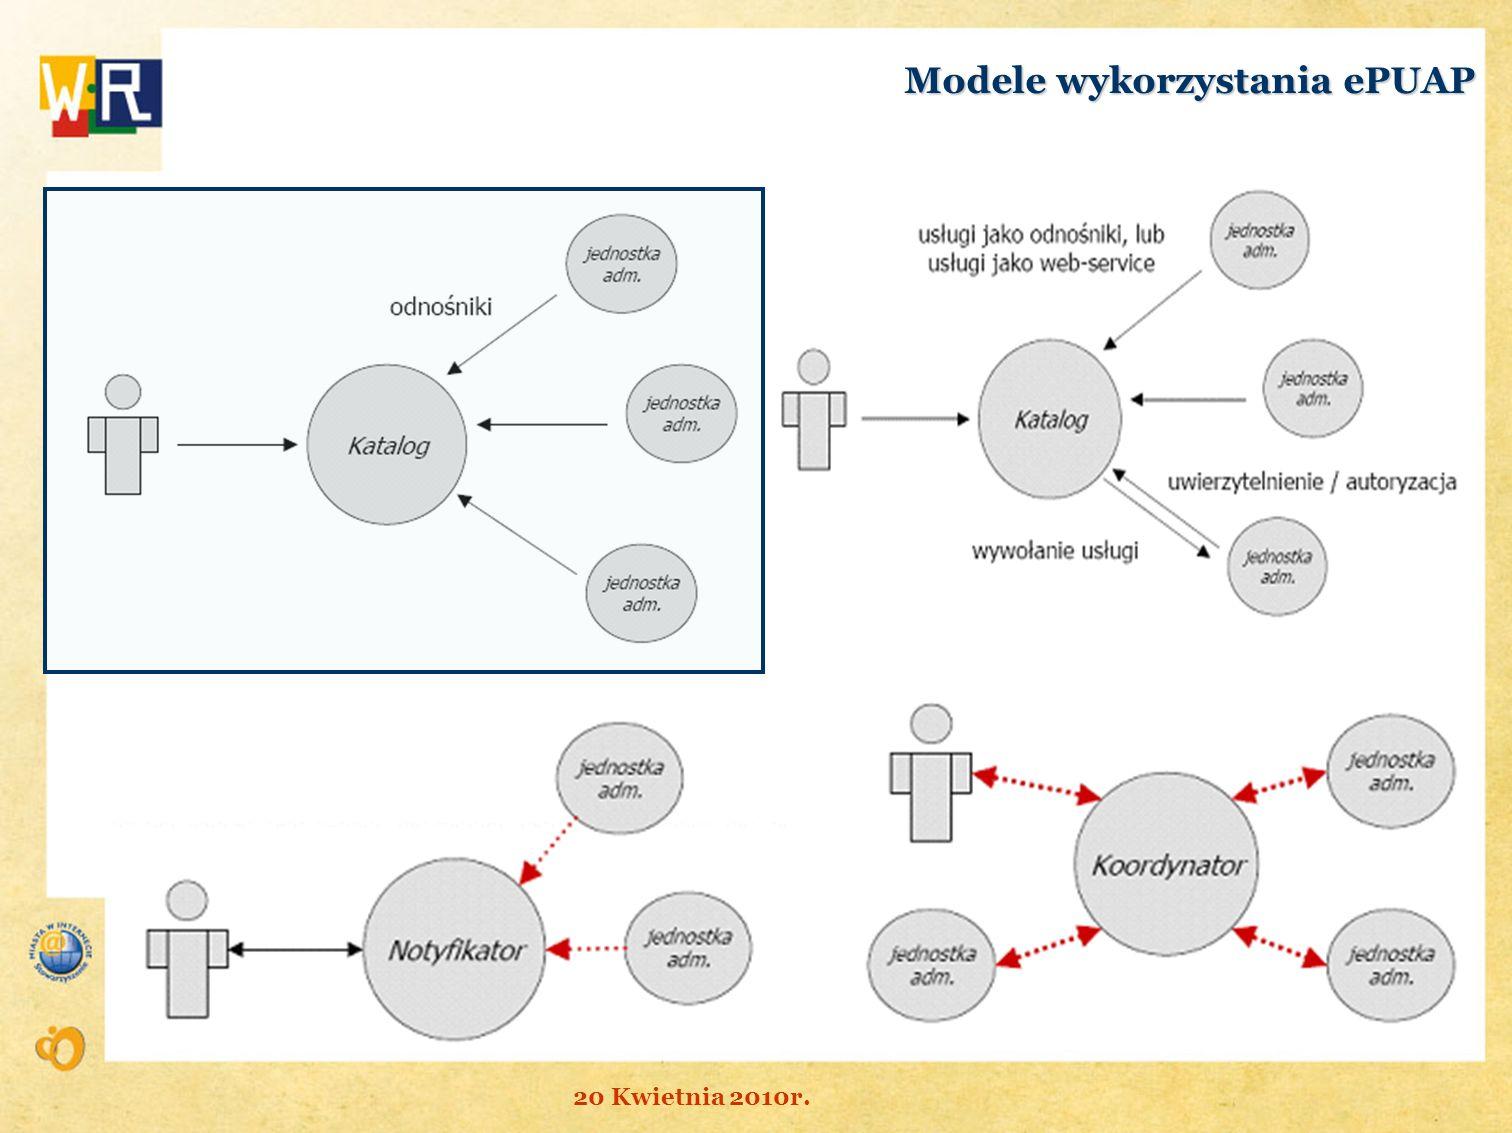 Modele wykorzystania ePUAP